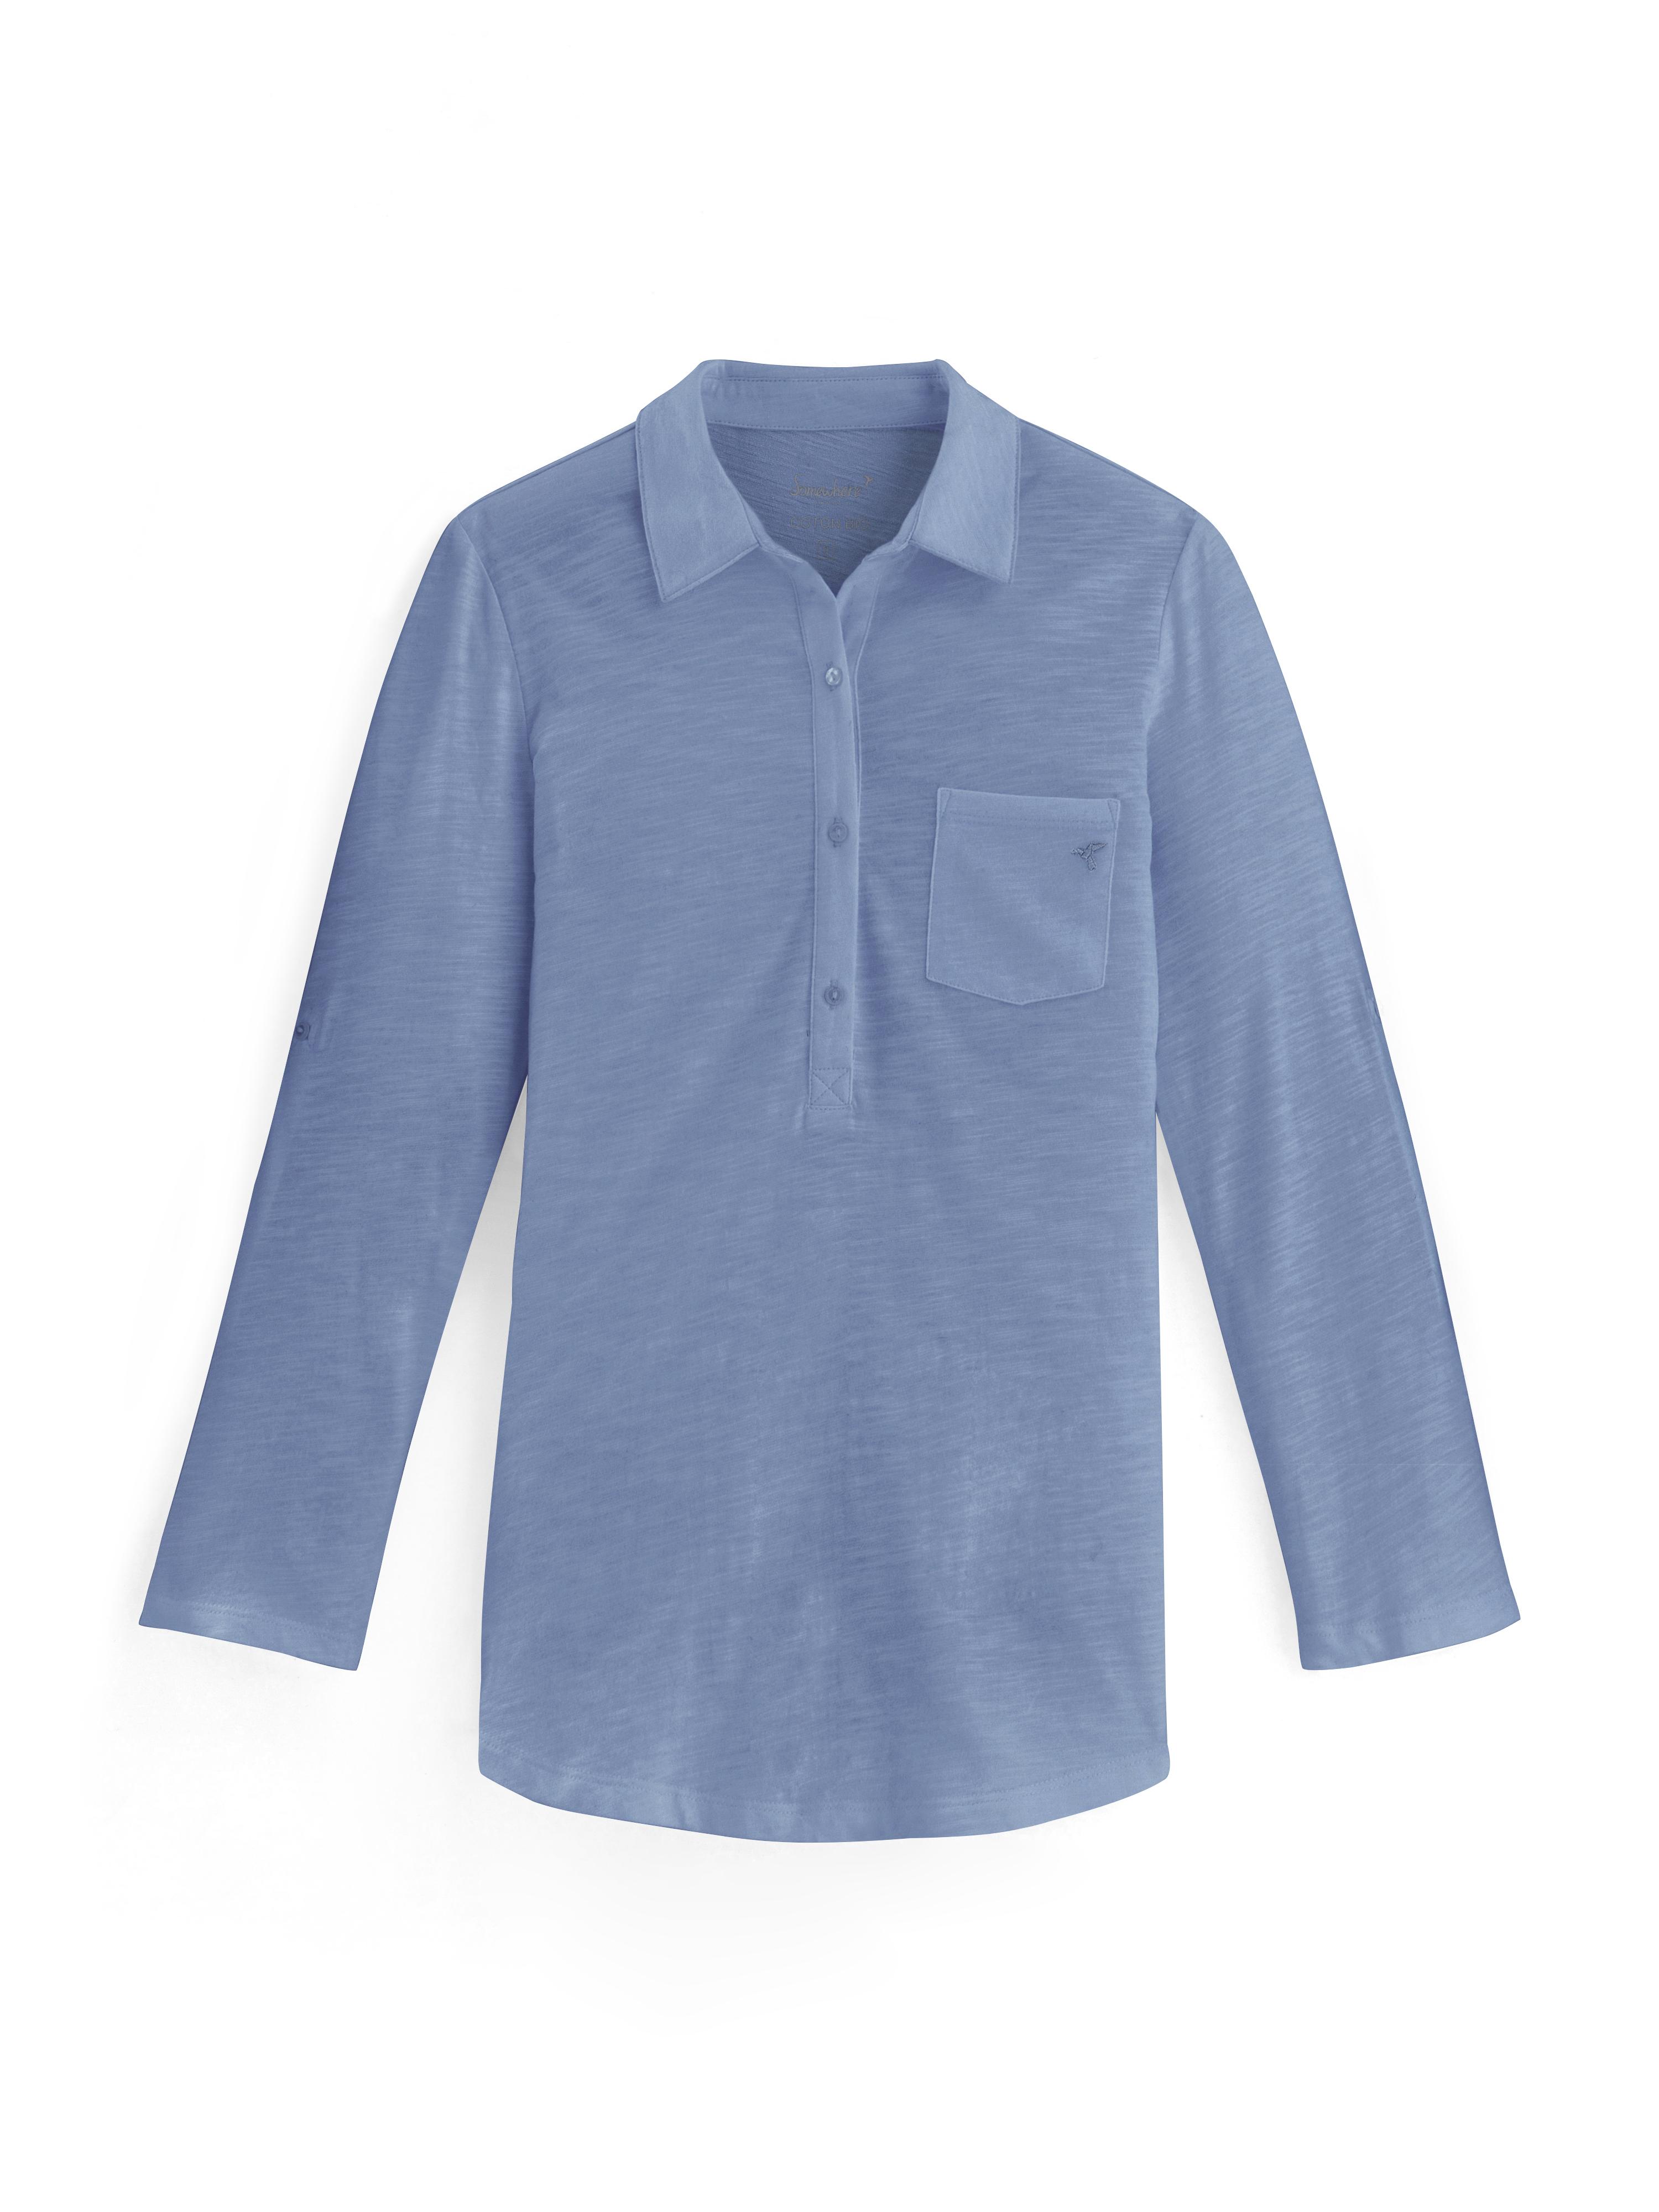 Bleu Polo SomewhereCouleur T Coton Bio shirt Femme Flammé Grise SVLUqjzMpG